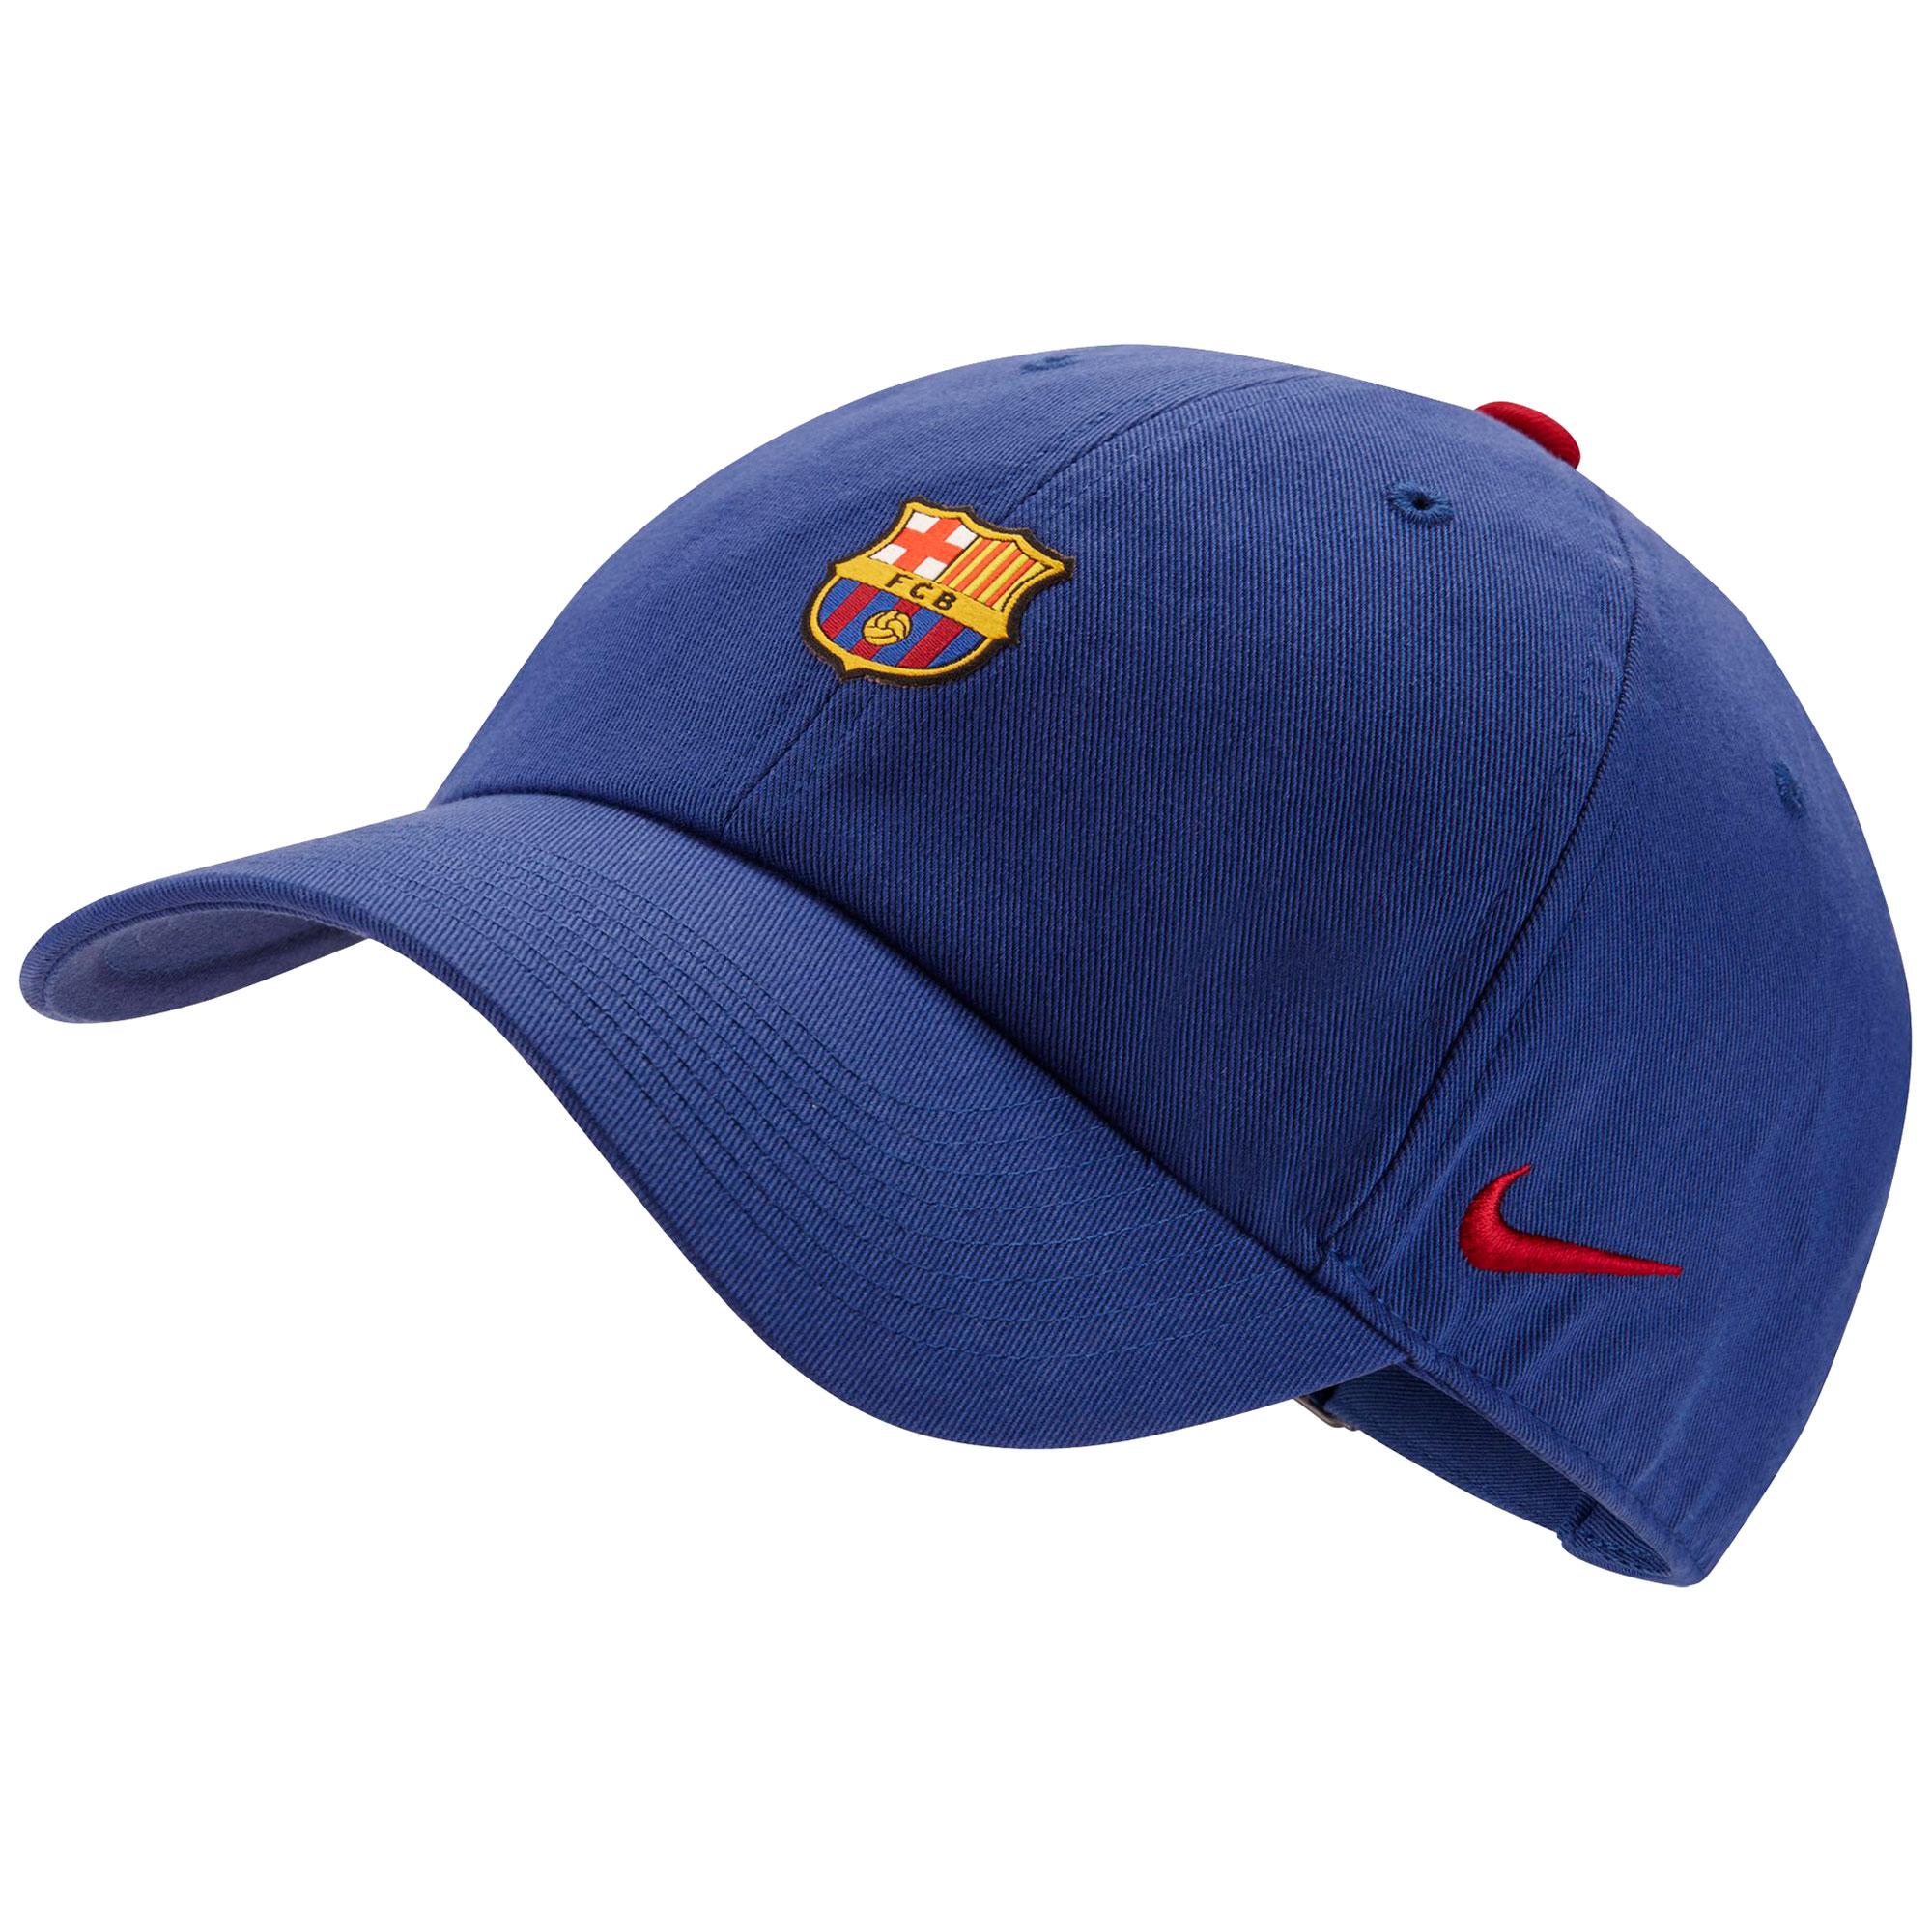 ba196ddb1 Futbalové kluby (všetky) | Nike FC Barcelona šiltovka modrá pánska ...